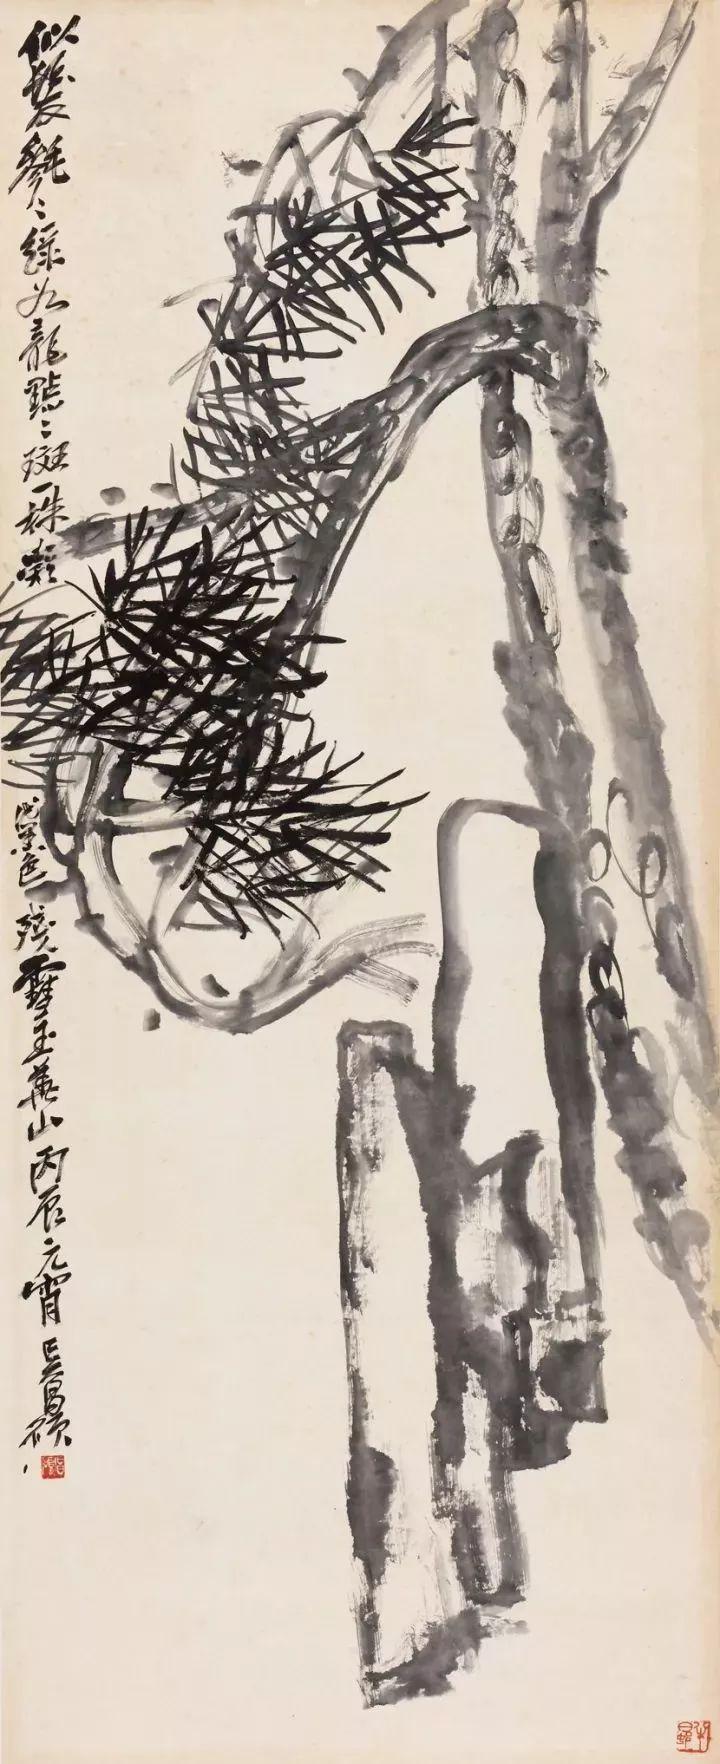 吴昌硕的画曲线直线交汇,浓淡配比,统一中见独立